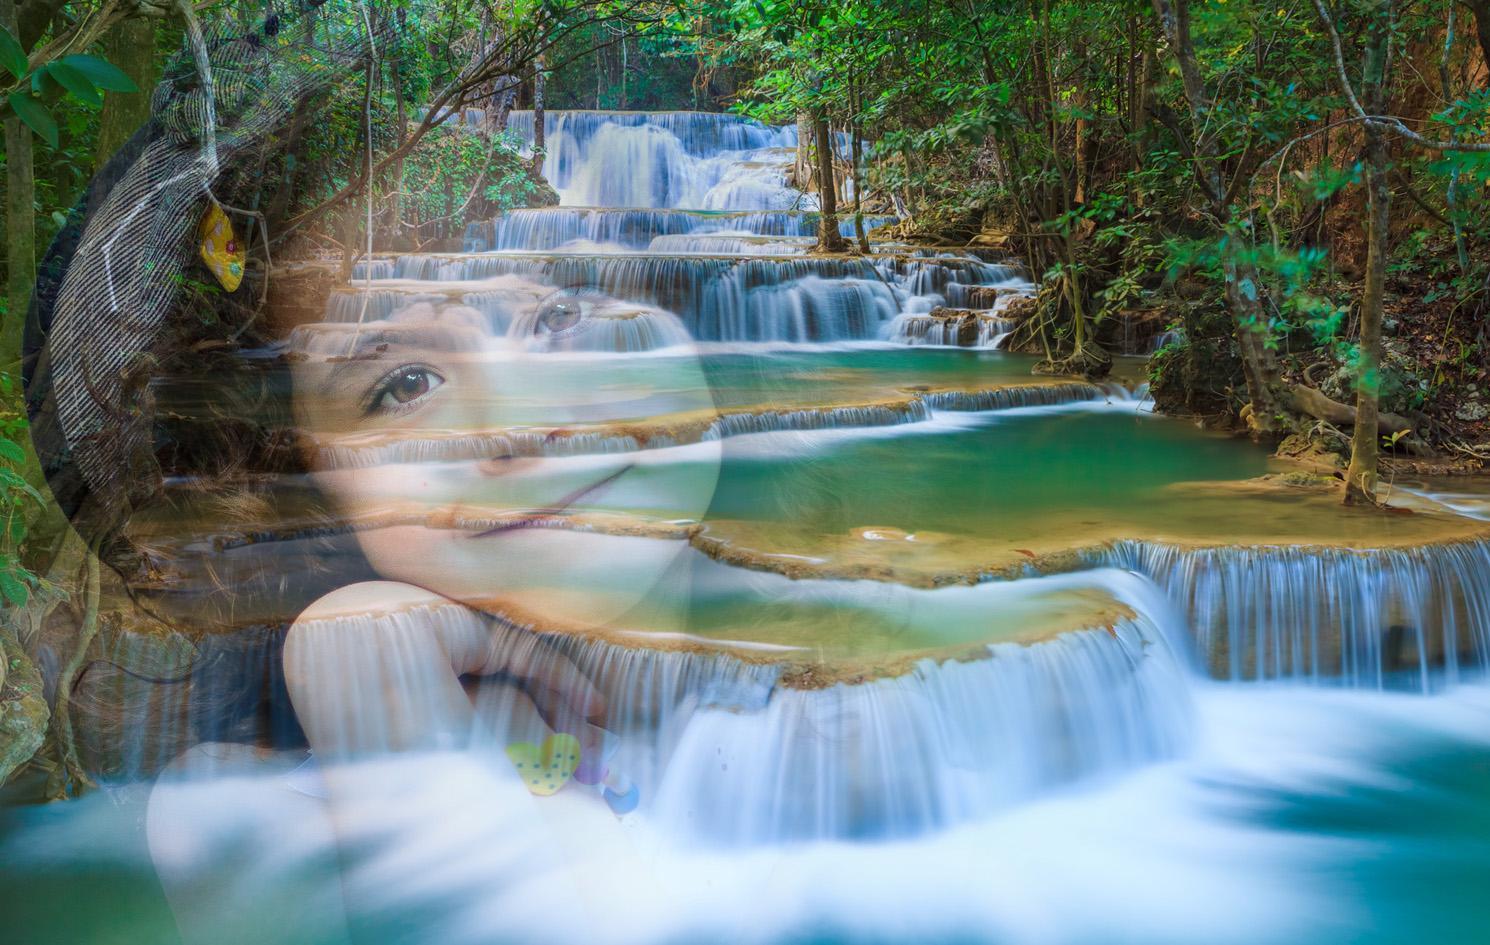 руководителя является фотоэффекты водопады для фото возможно